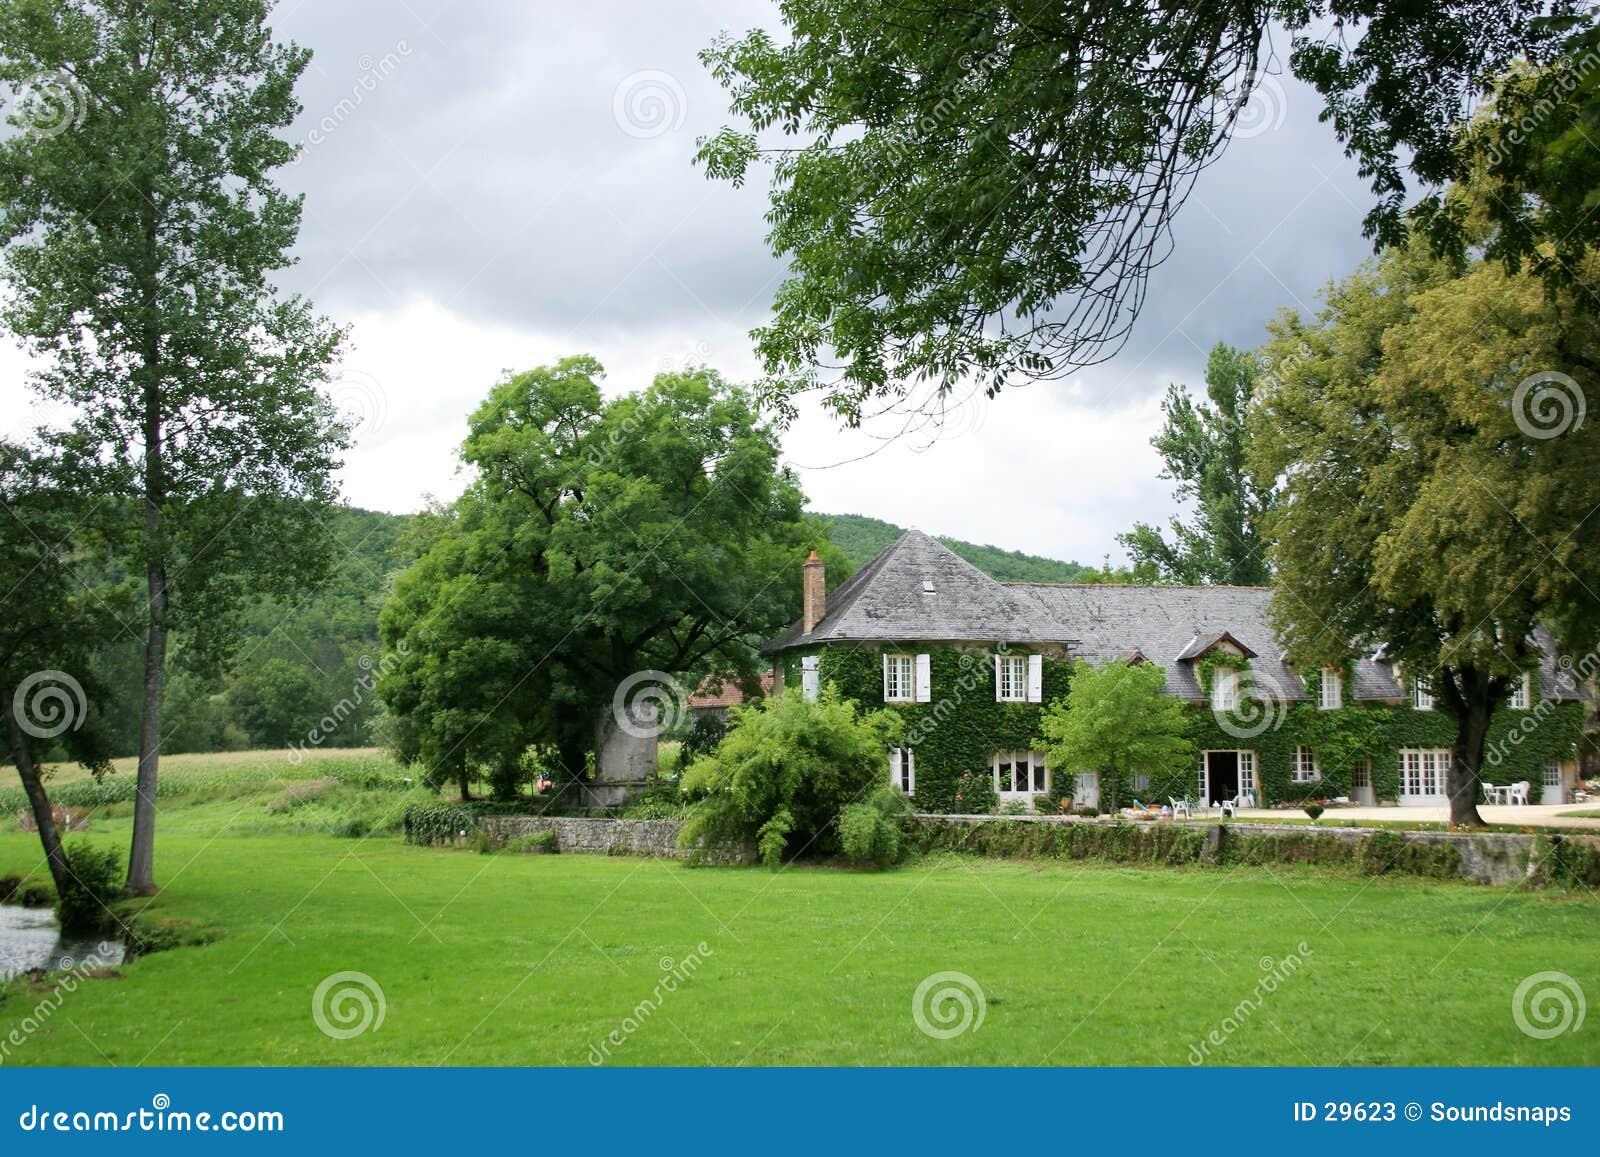 Huis in landtuin achter bomen